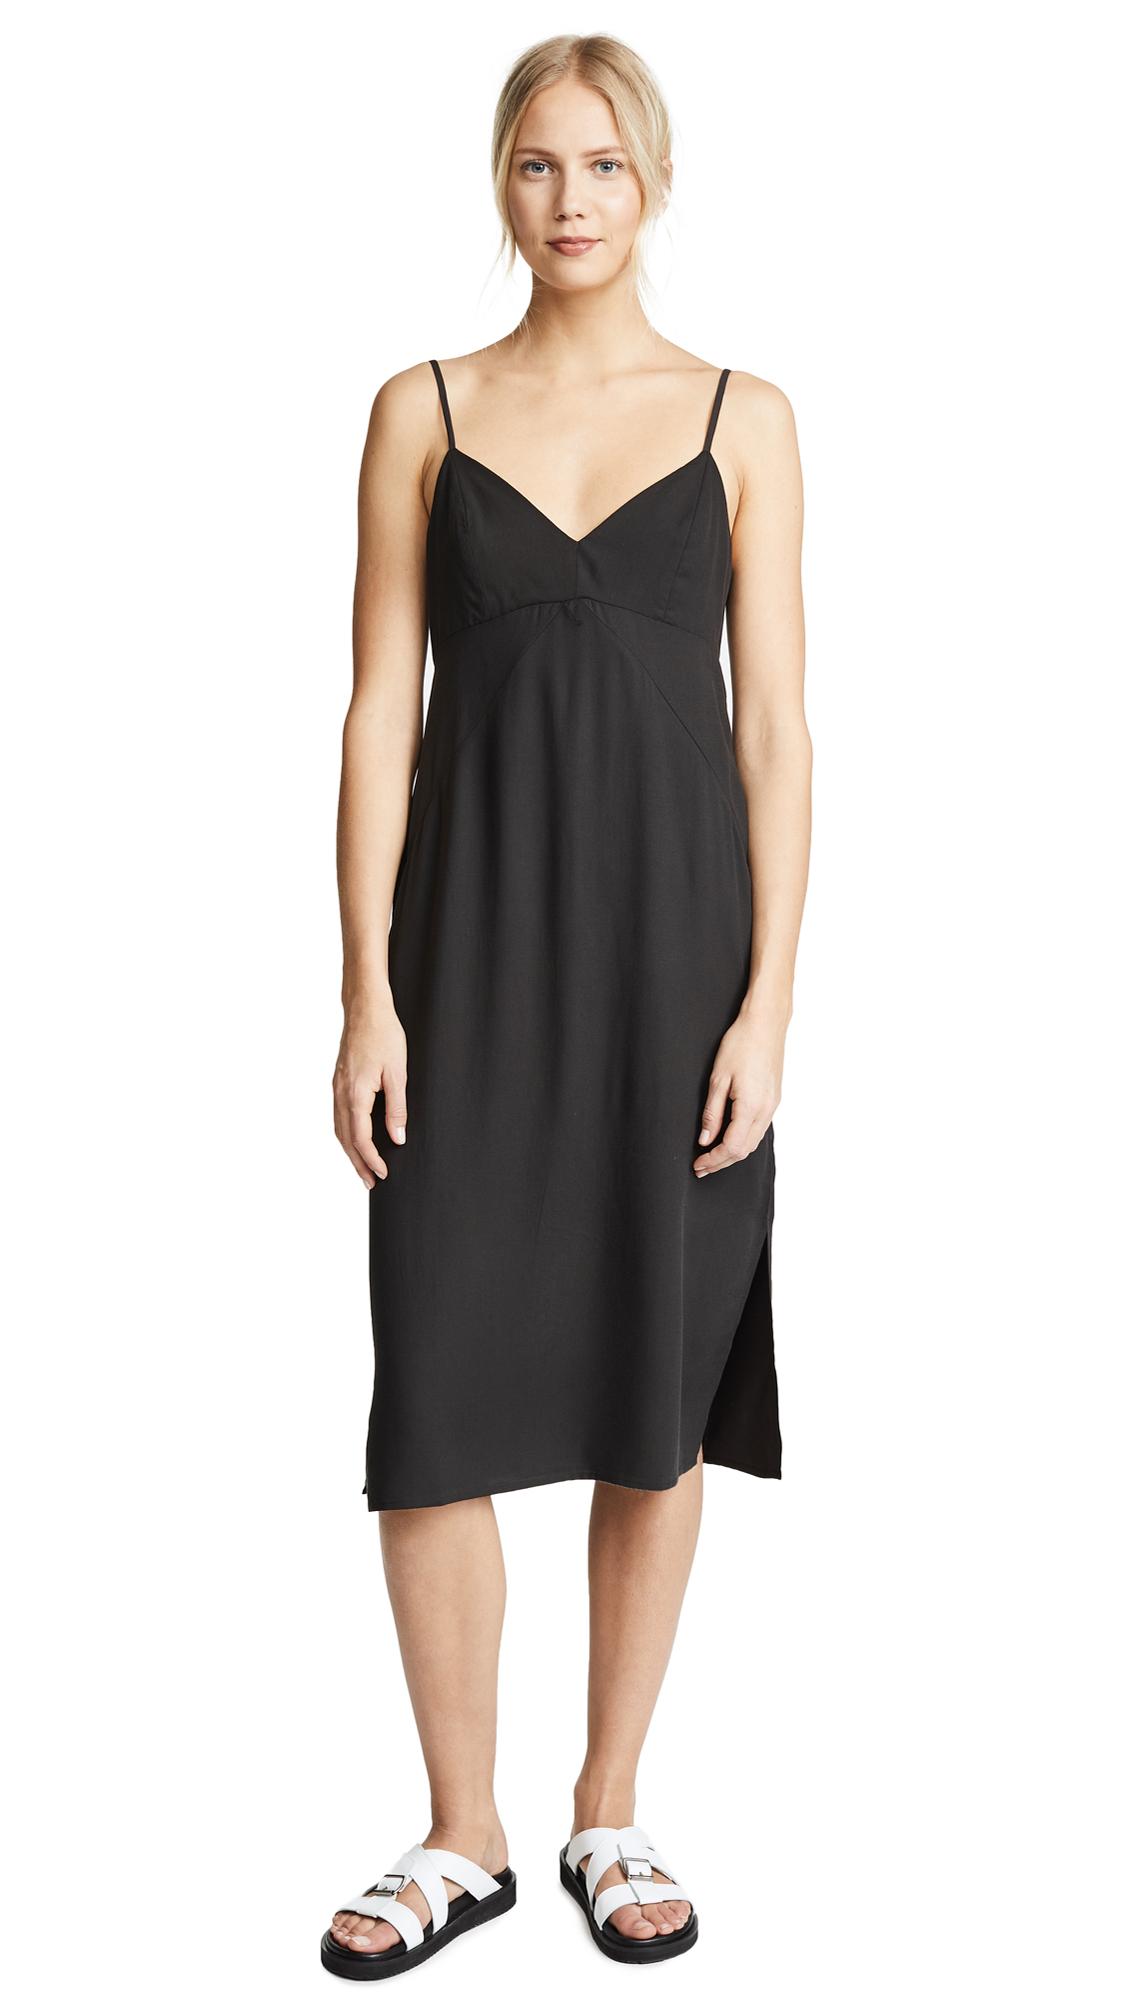 Splendid Skylight Slip Dress In Black